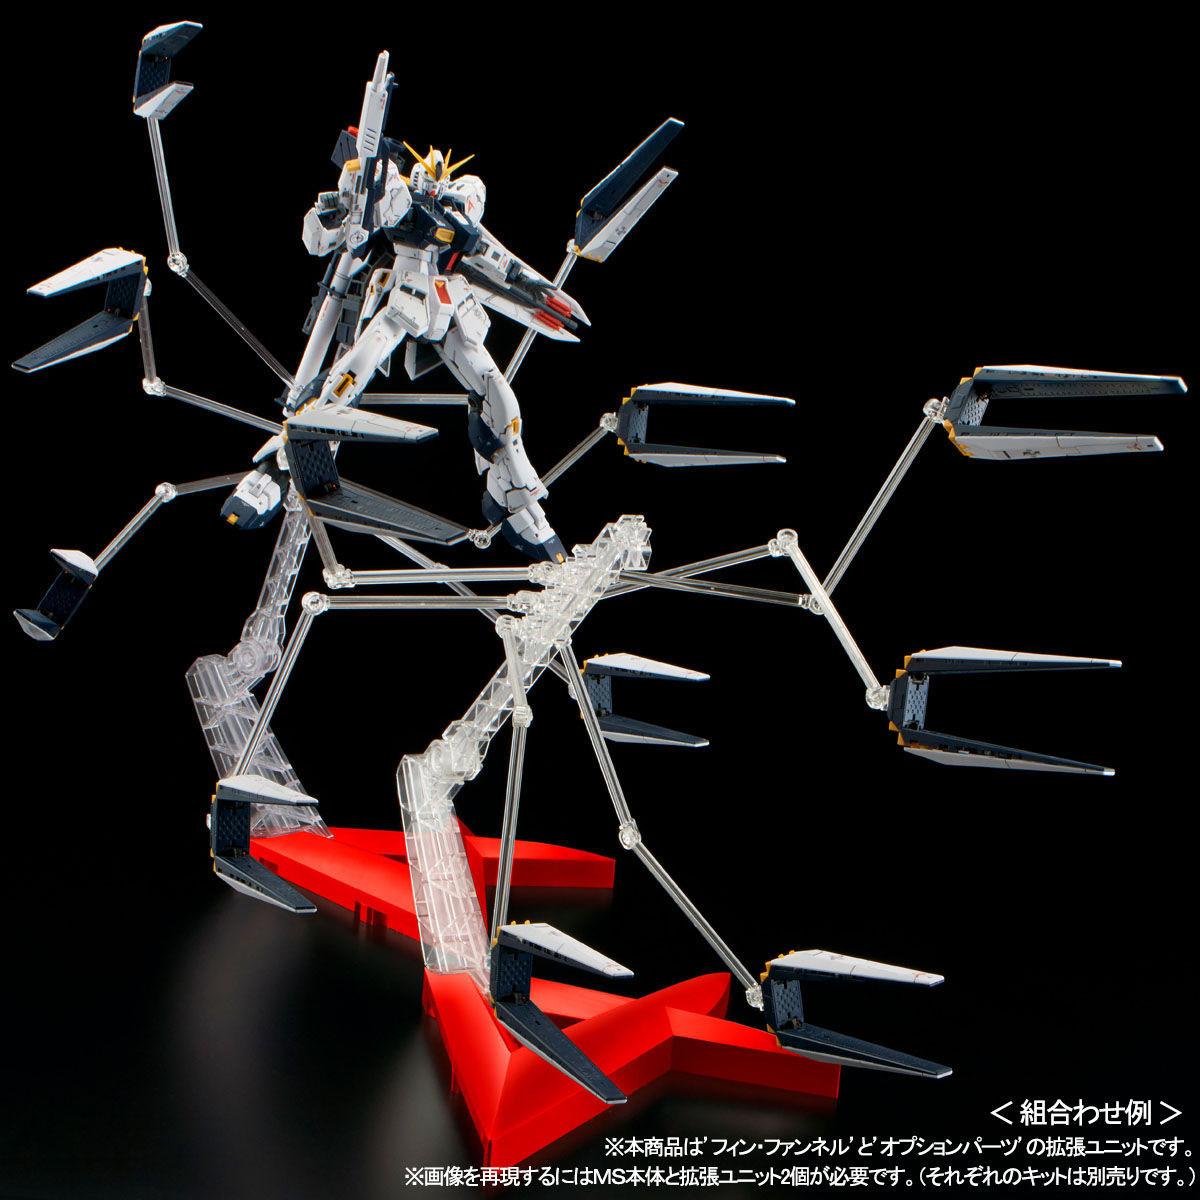 RG 1/144『νガンダム用ダブル・フィン・ファンネル拡張ユニット』逆襲のシャア プラモデル-009